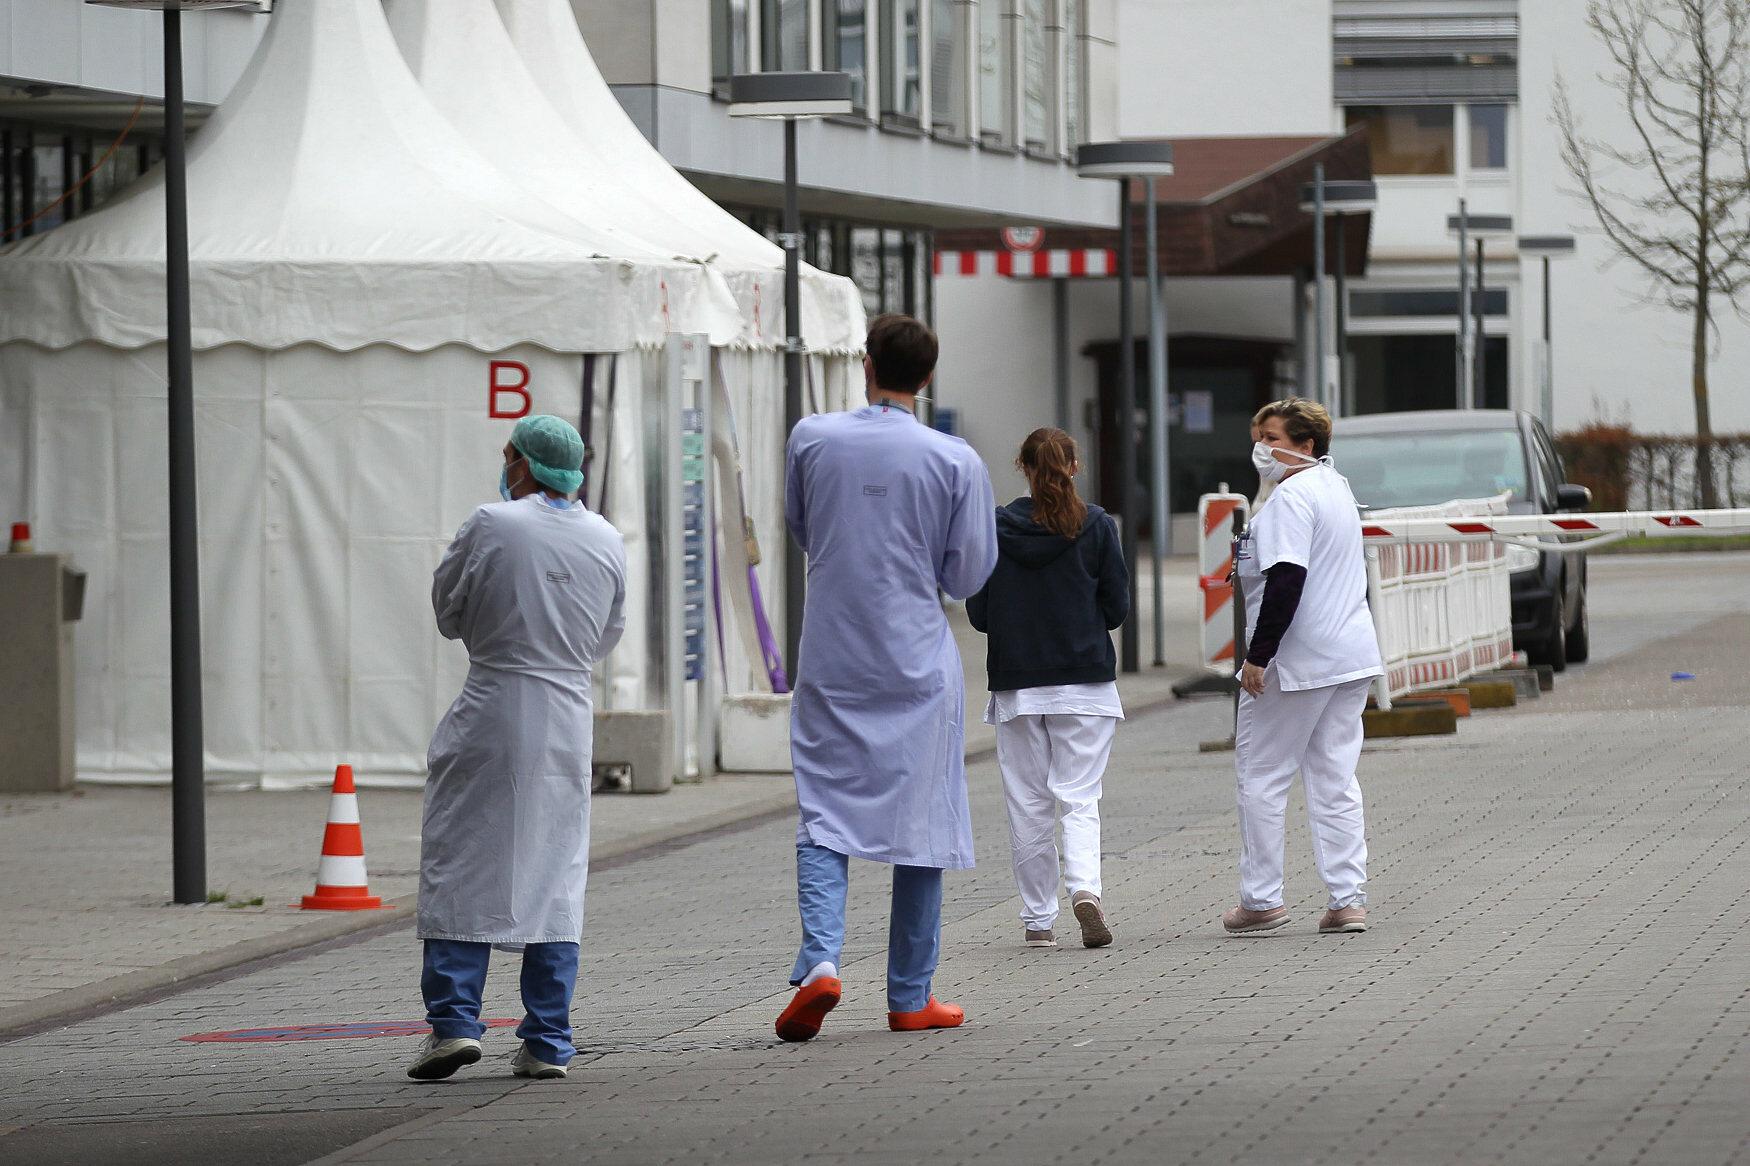 Przedstawiciele służby zdrowia we Freiburgu